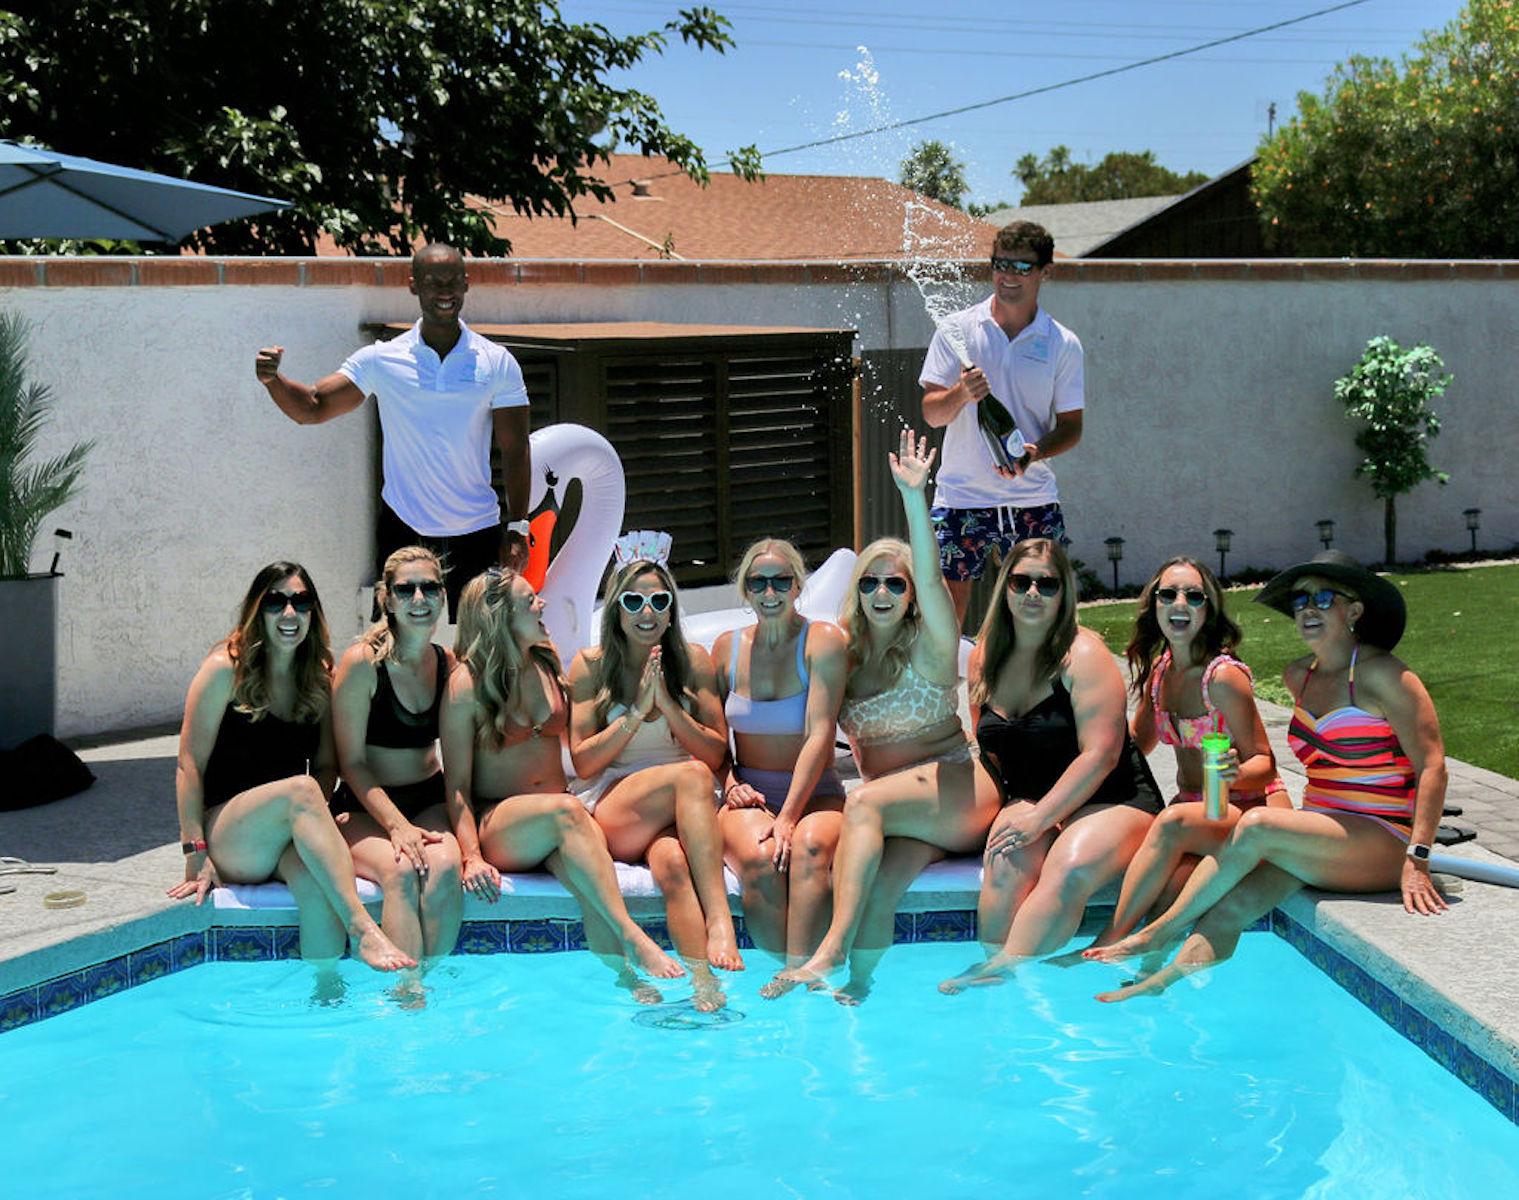 Scottsdale Bachelorette party service: Cabana Boys